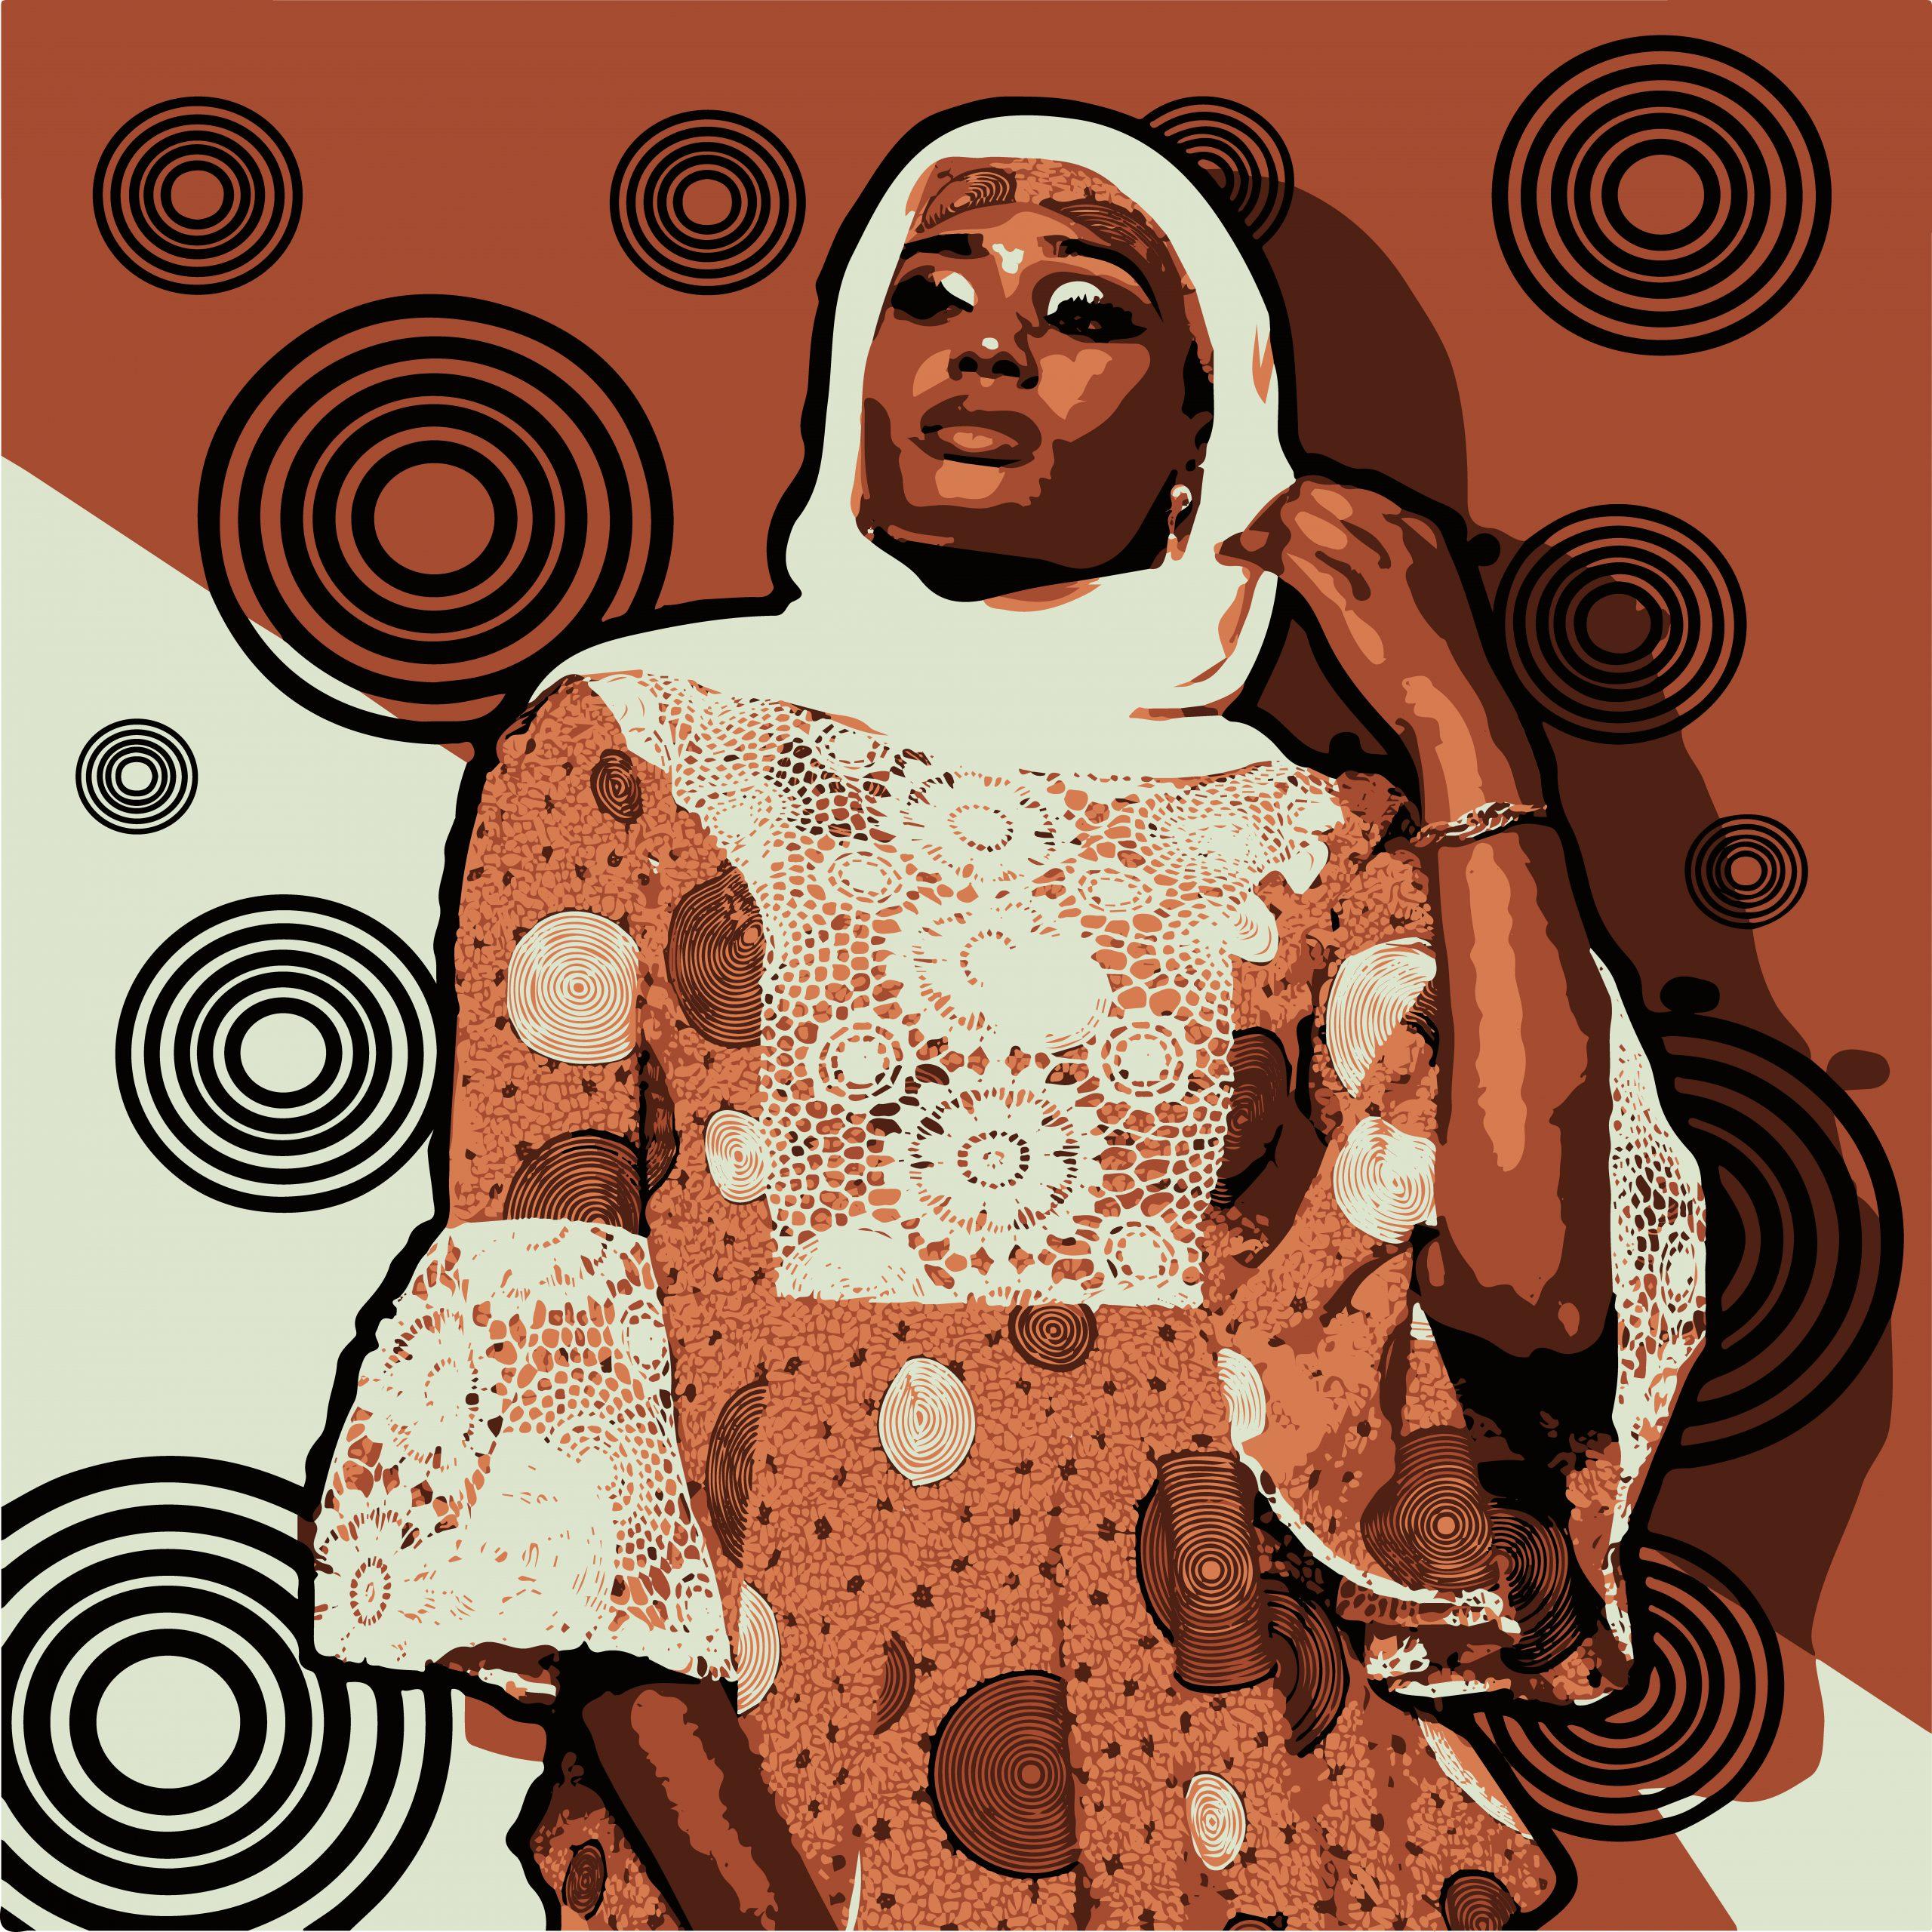 Portrait illustration of a woman